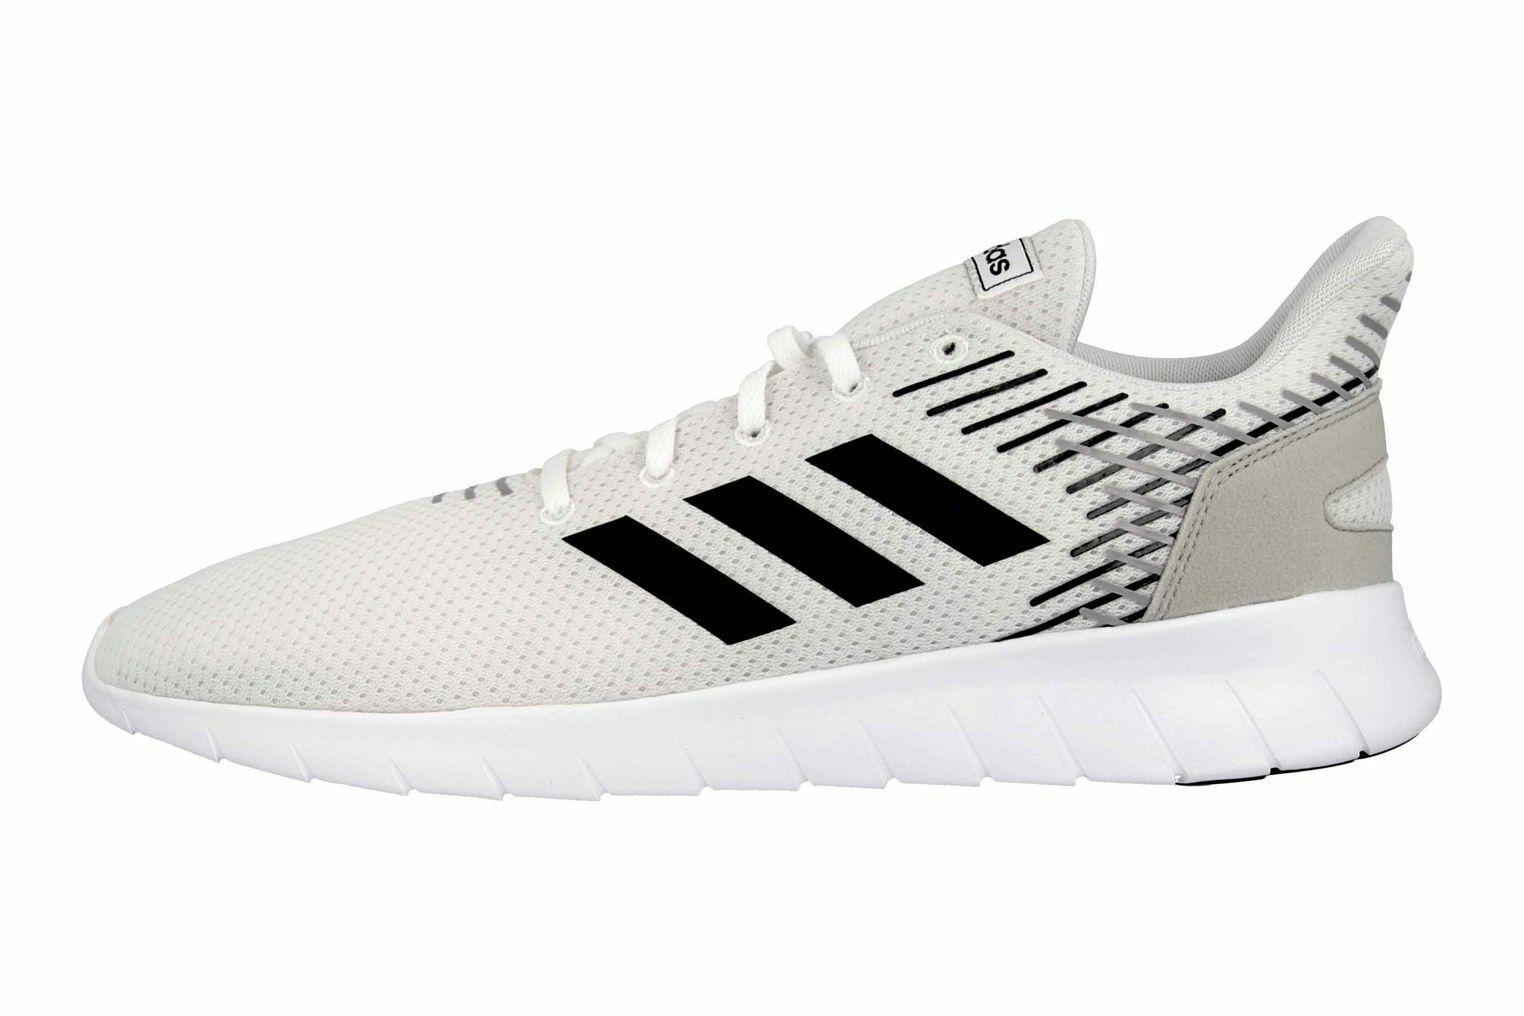 Adidas asweerun cortos en talla extragrande gris f36332 grandes zapatos caballero